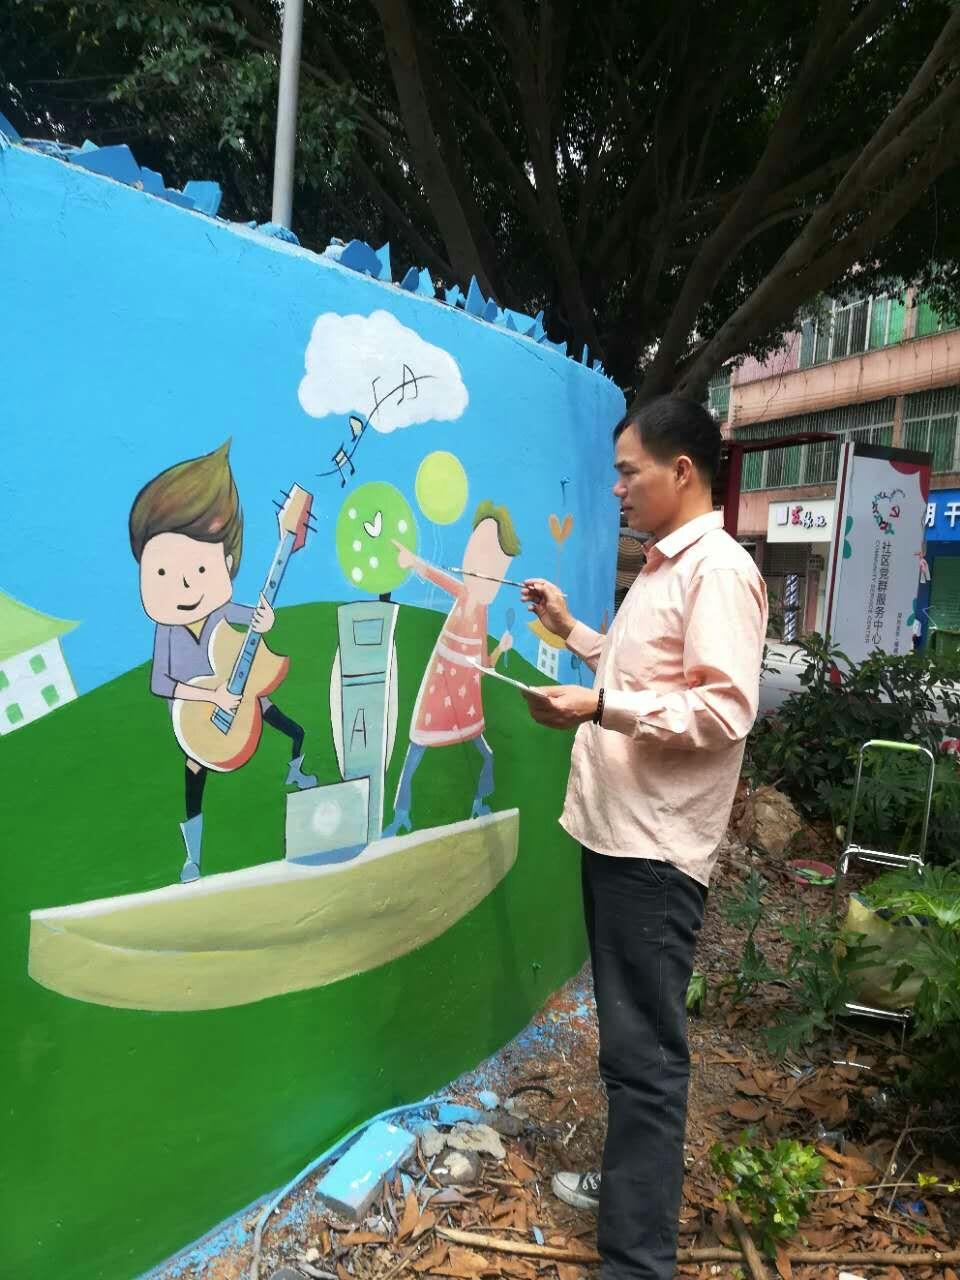 外墙墙体壁画,学校文化墙壁画,